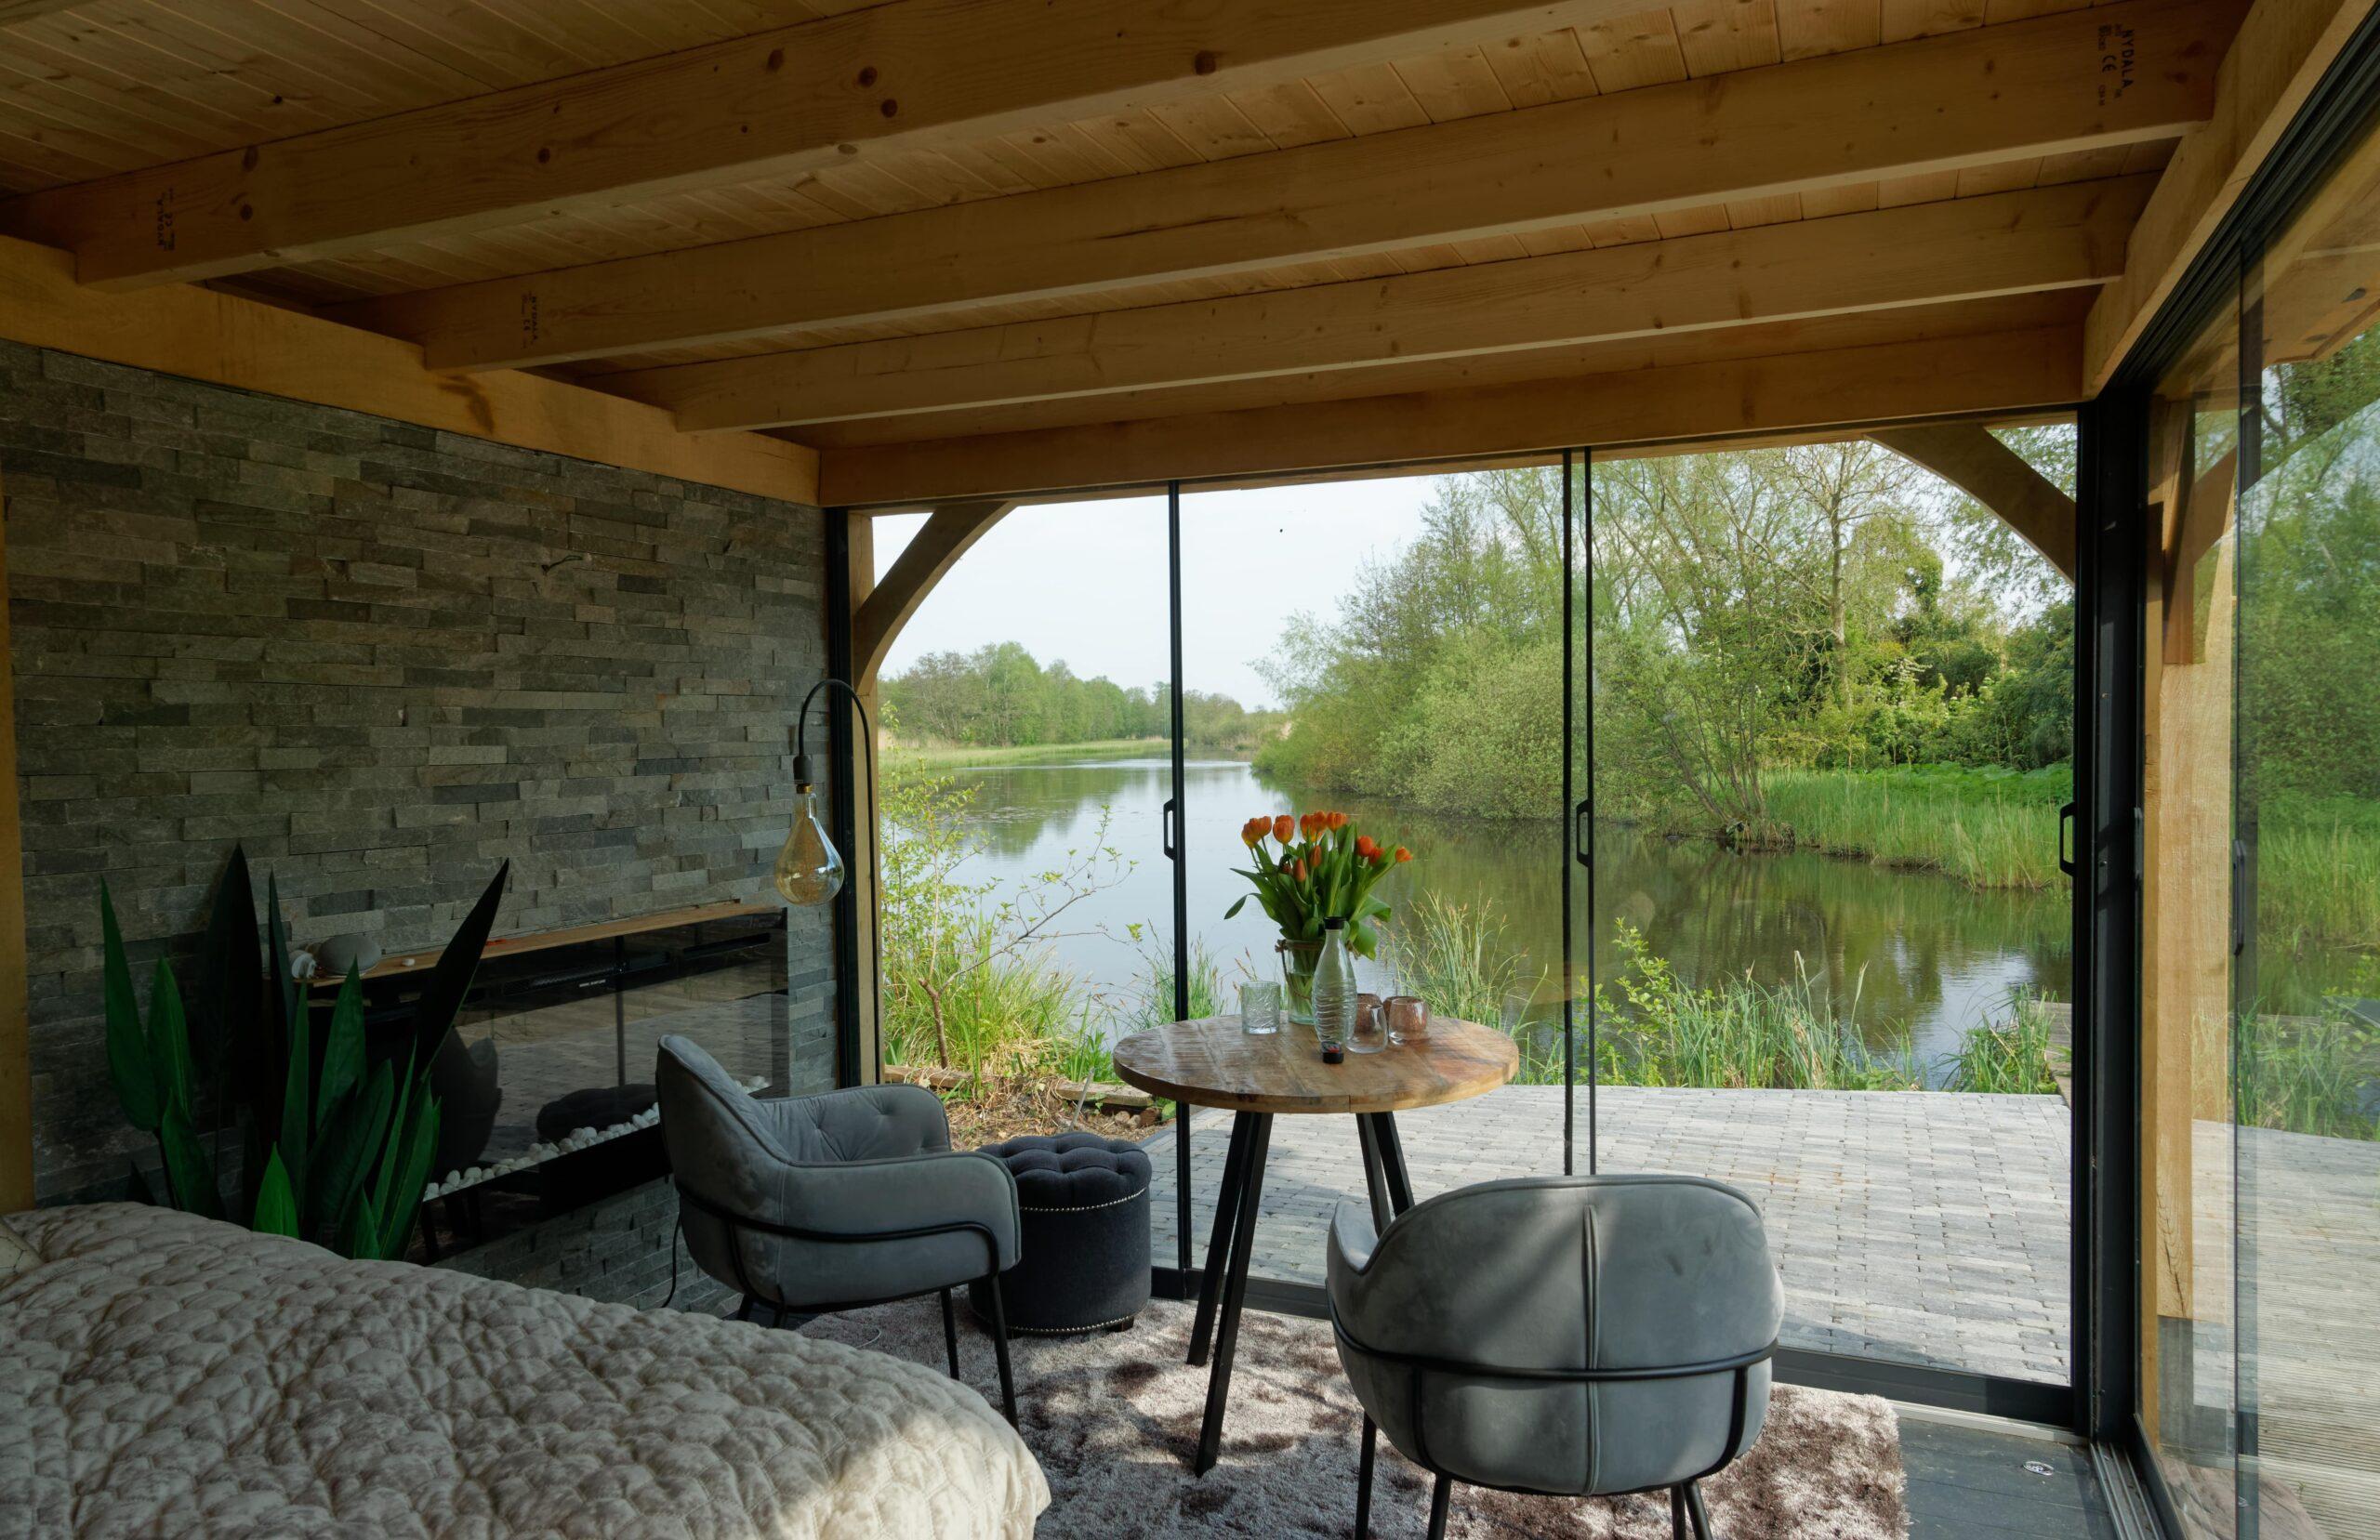 Luxe-tuinkamer-aan-het-water-5-scaled - Project Kortenhoef: Luxe tuinkamer aan het water